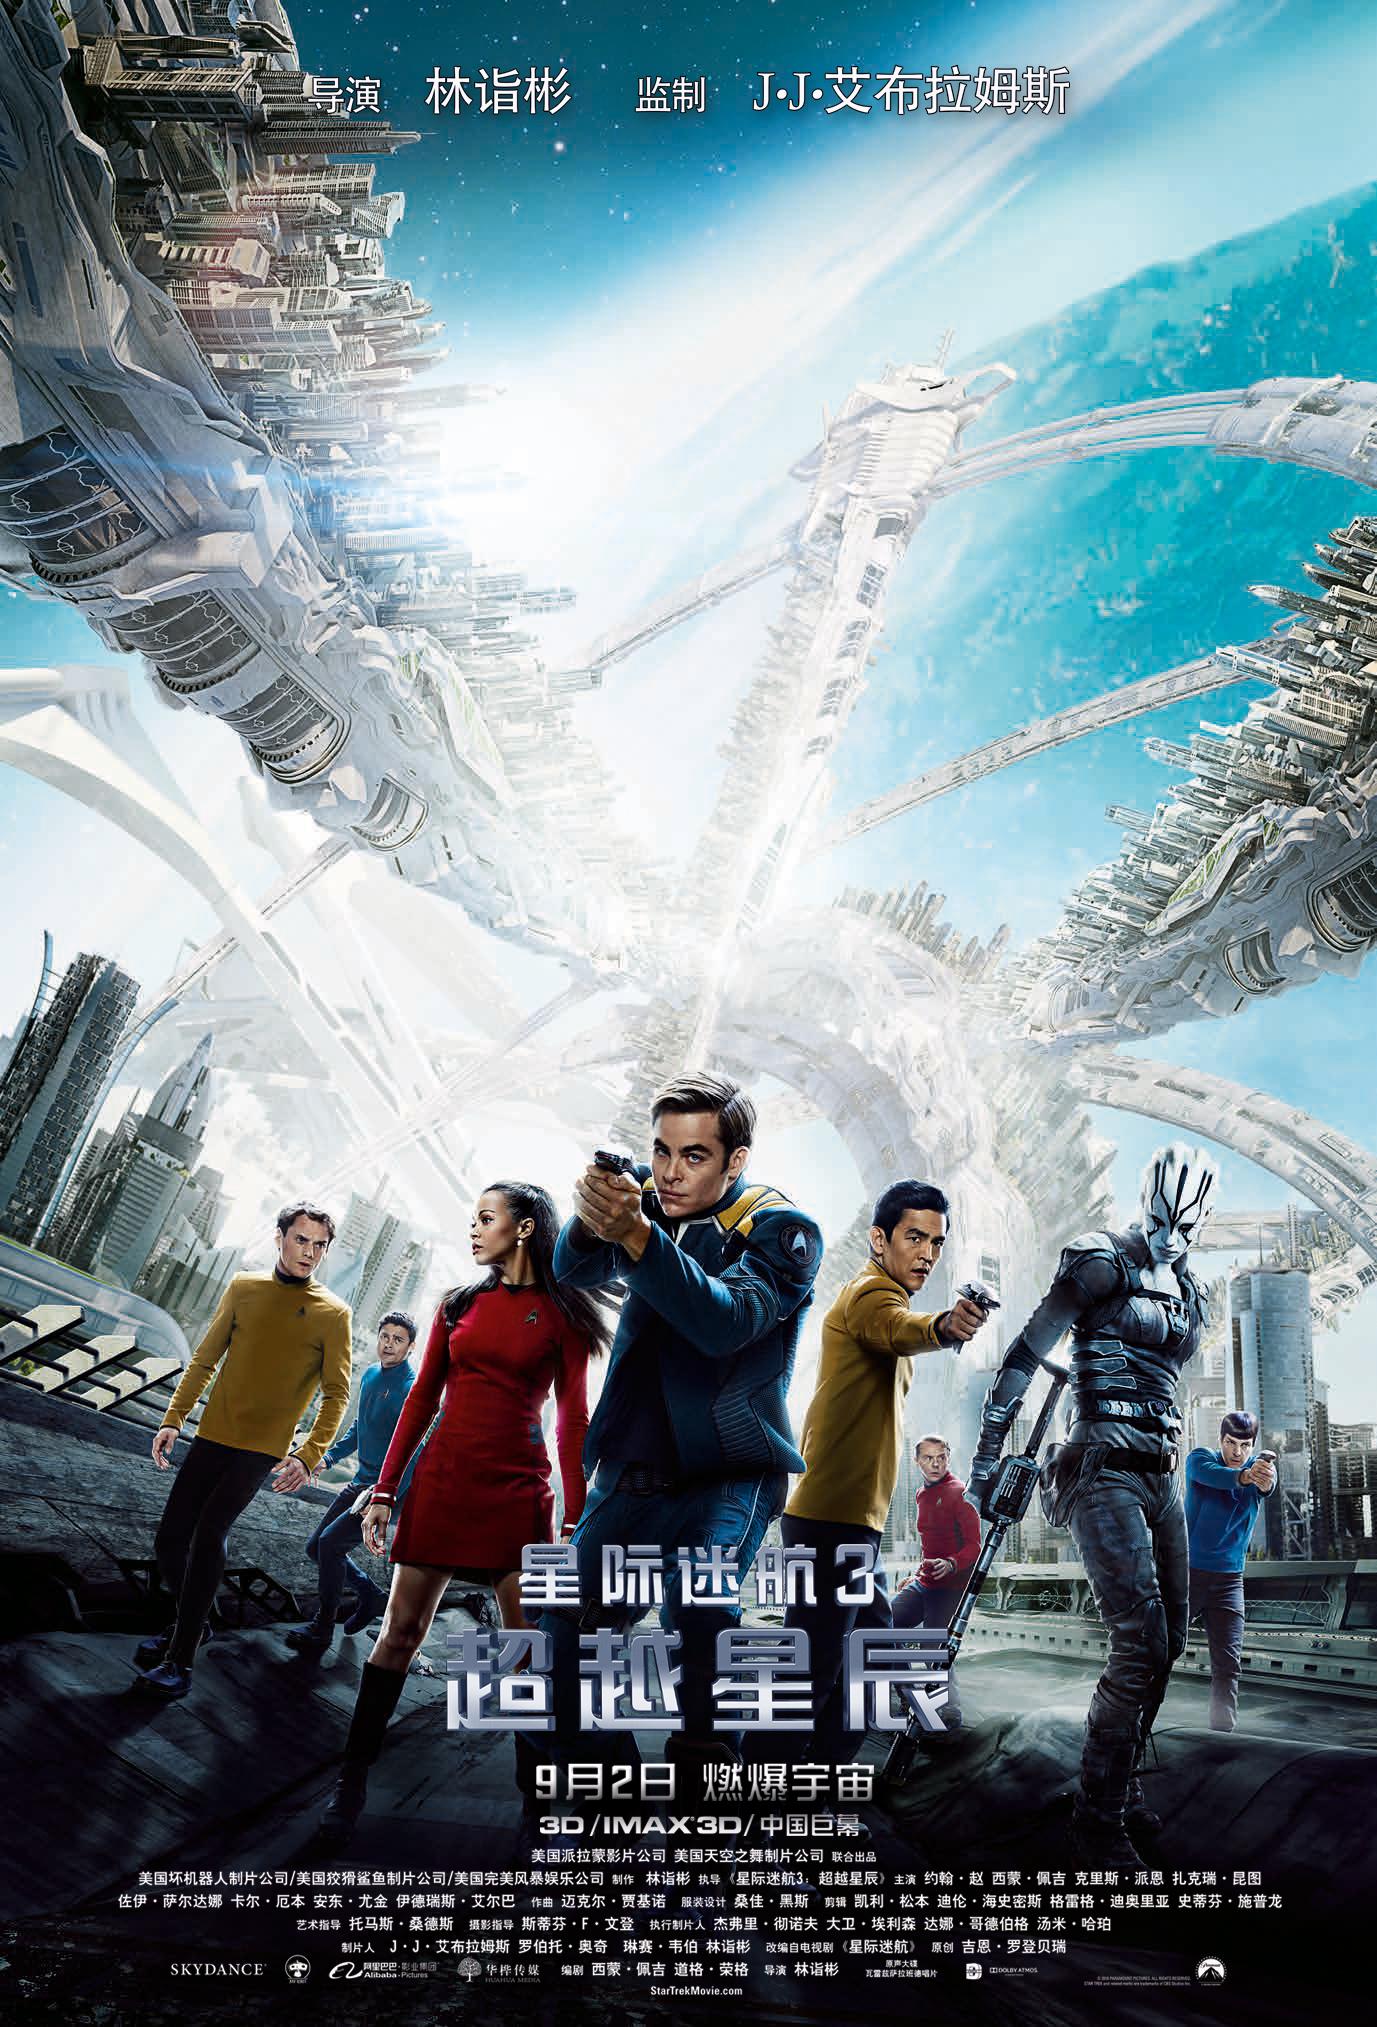 星际迷航12中文字幕_星际迷航_360百科